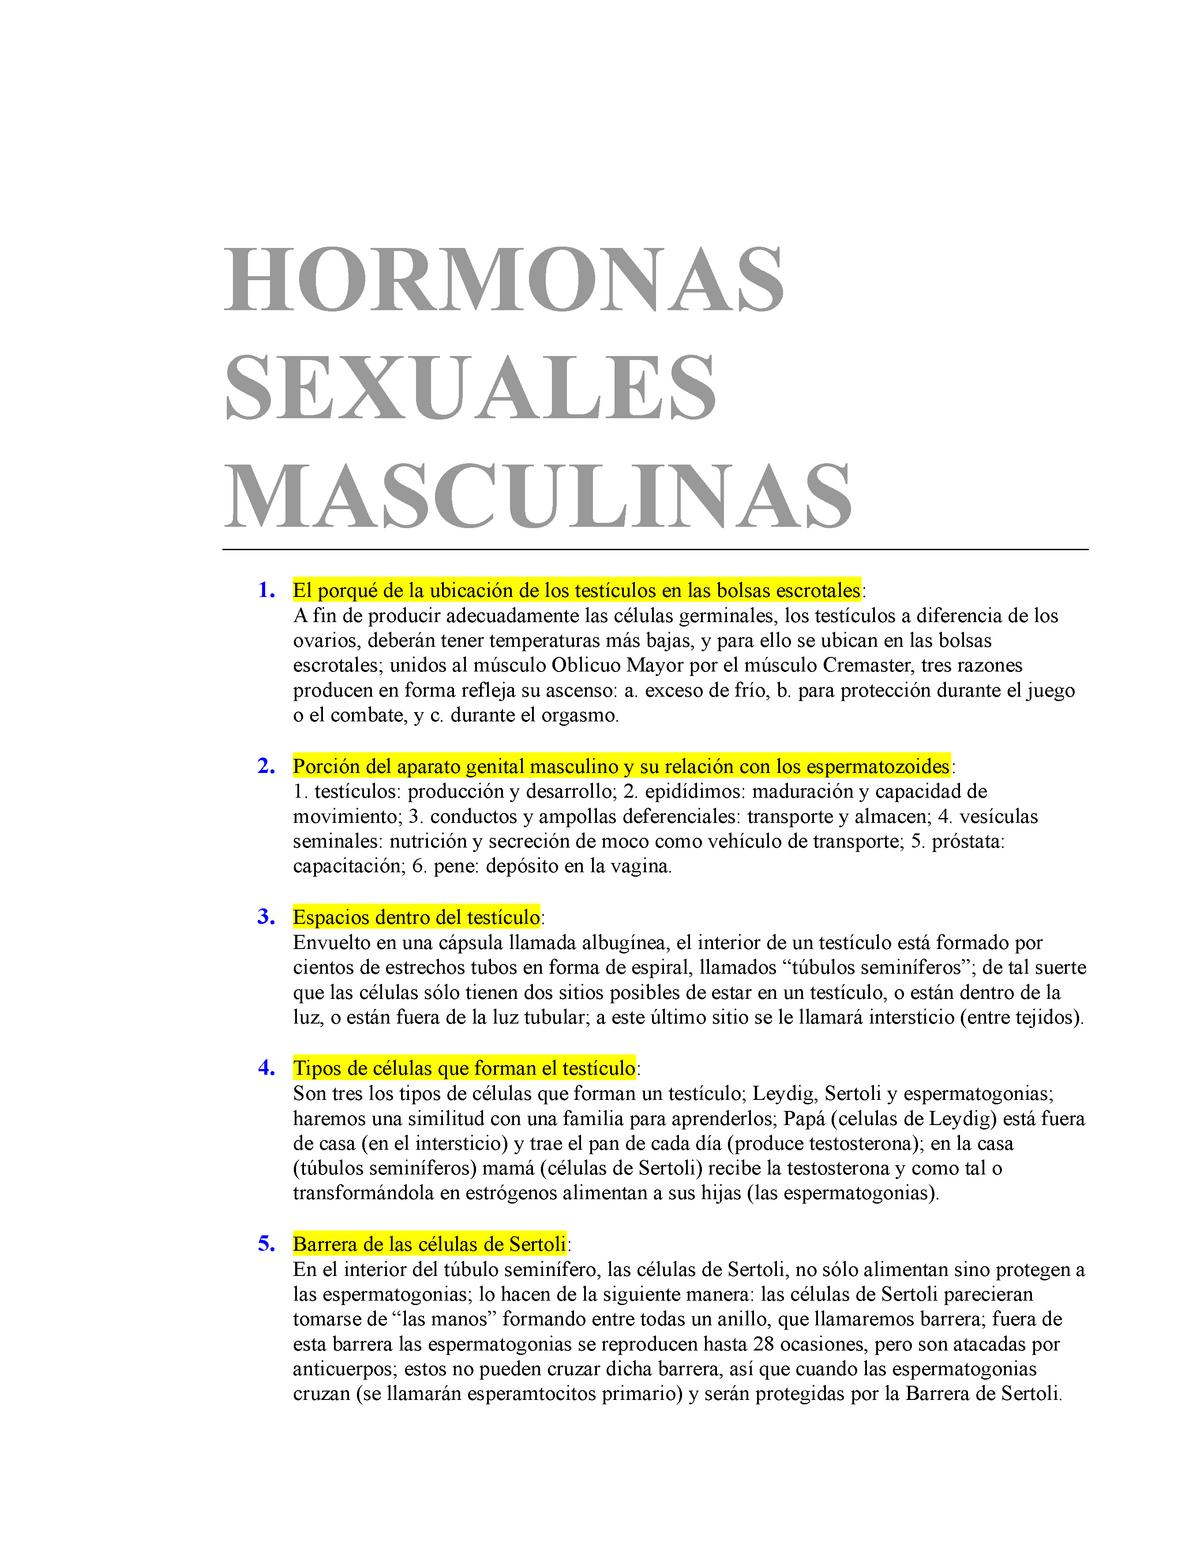 cuales son las hormonas masculinas y su funcion